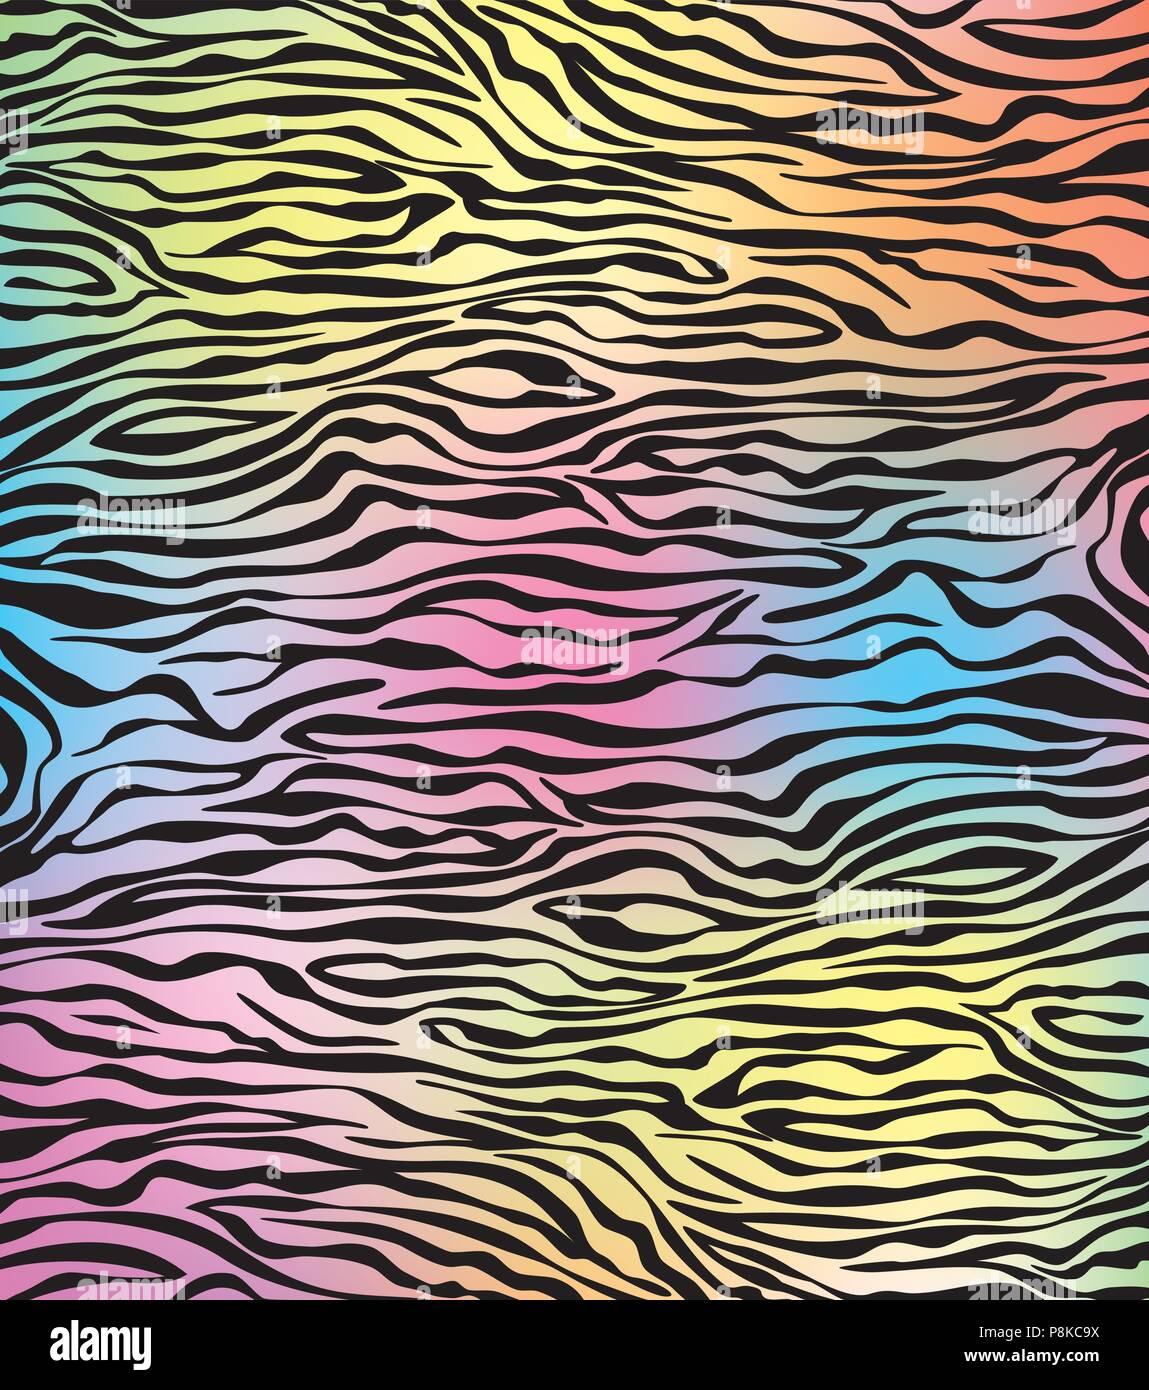 vector abstract skin texture of zebra - Stock Vector